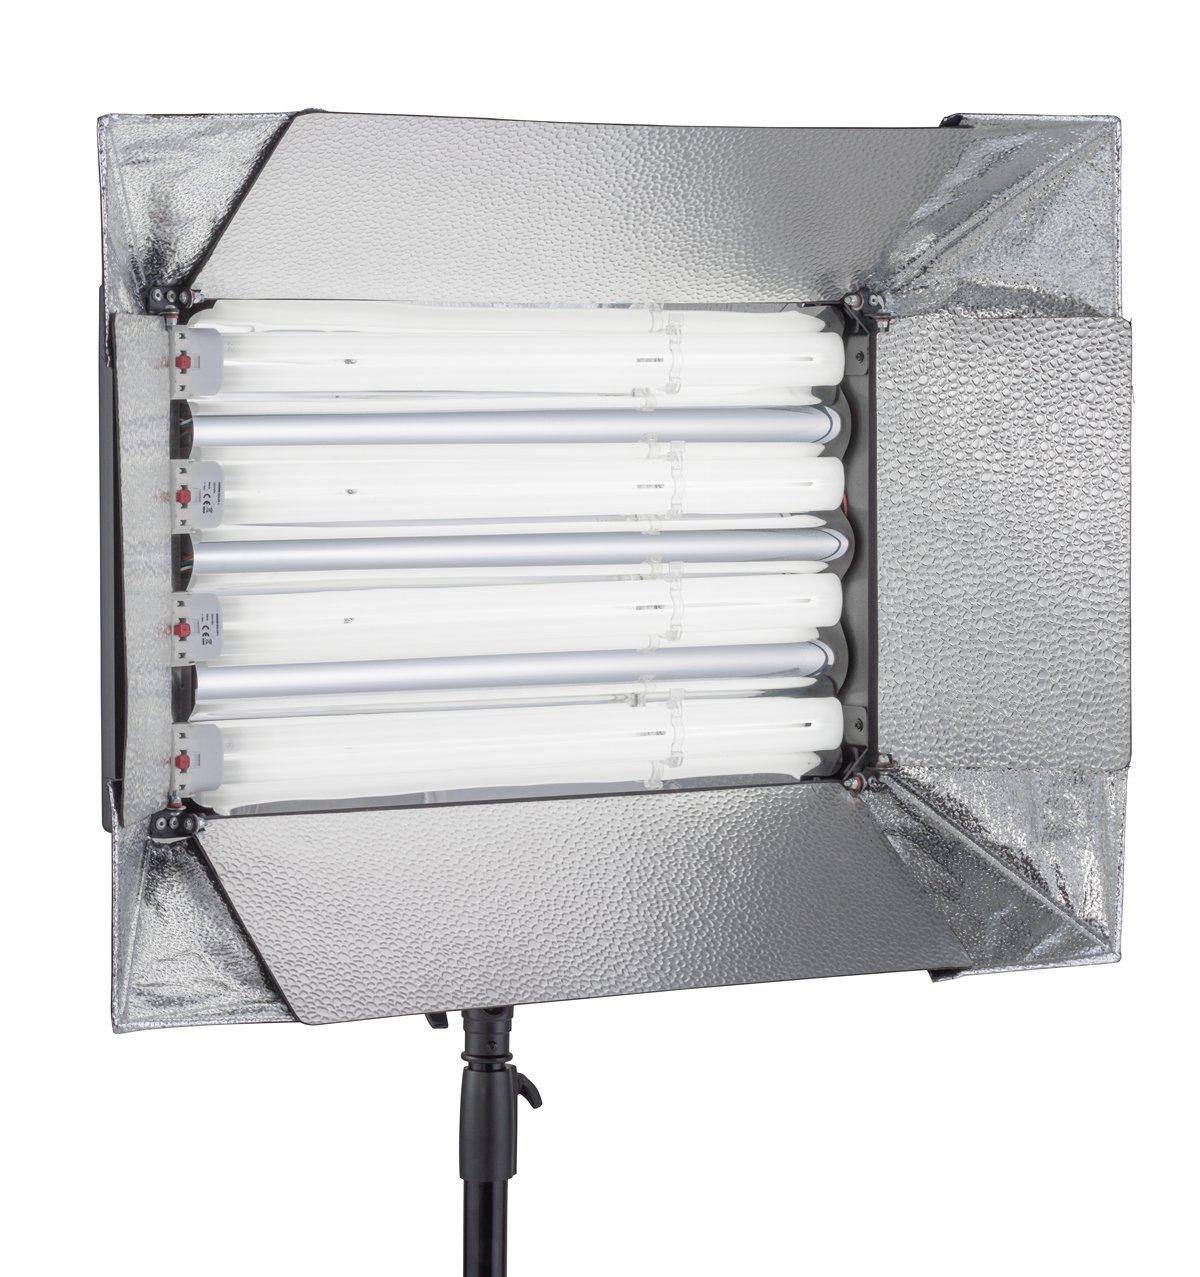 TOKISTAR 定常光ライト Beglight BL シリーズ BL-5504 TS-890-BL BL-5504  B00QA04X66